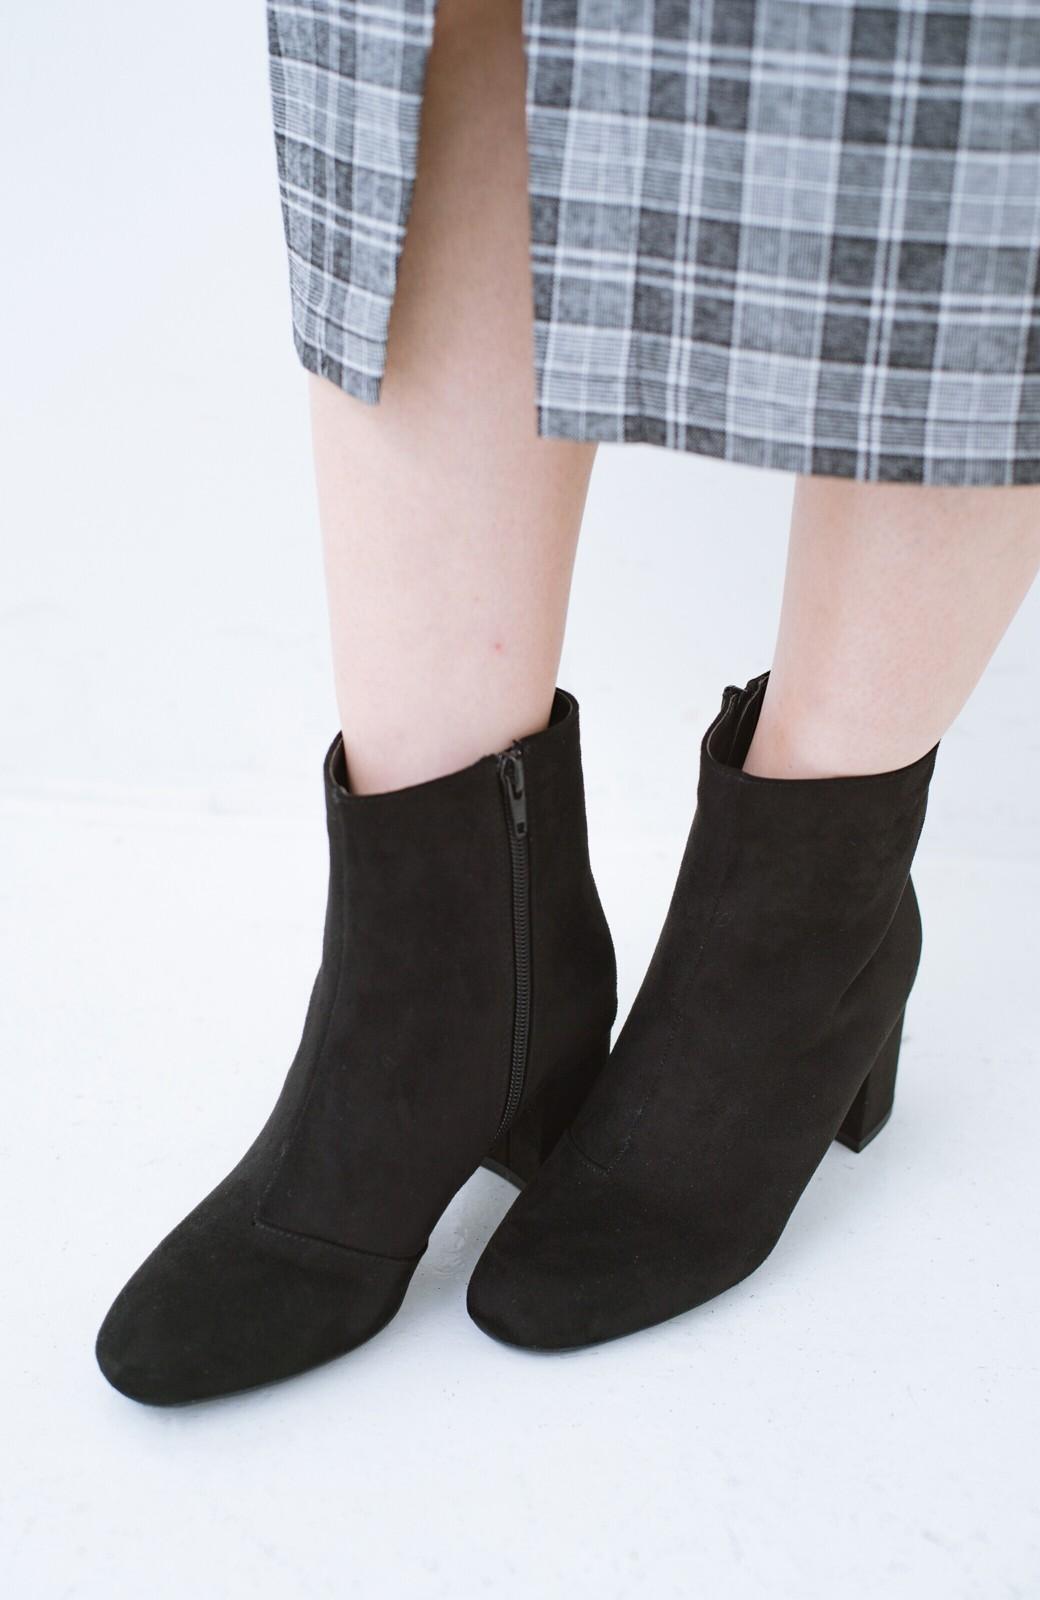 haco! パッと履いてスッときれいな女っぽブーツ <ブラック>の商品写真4